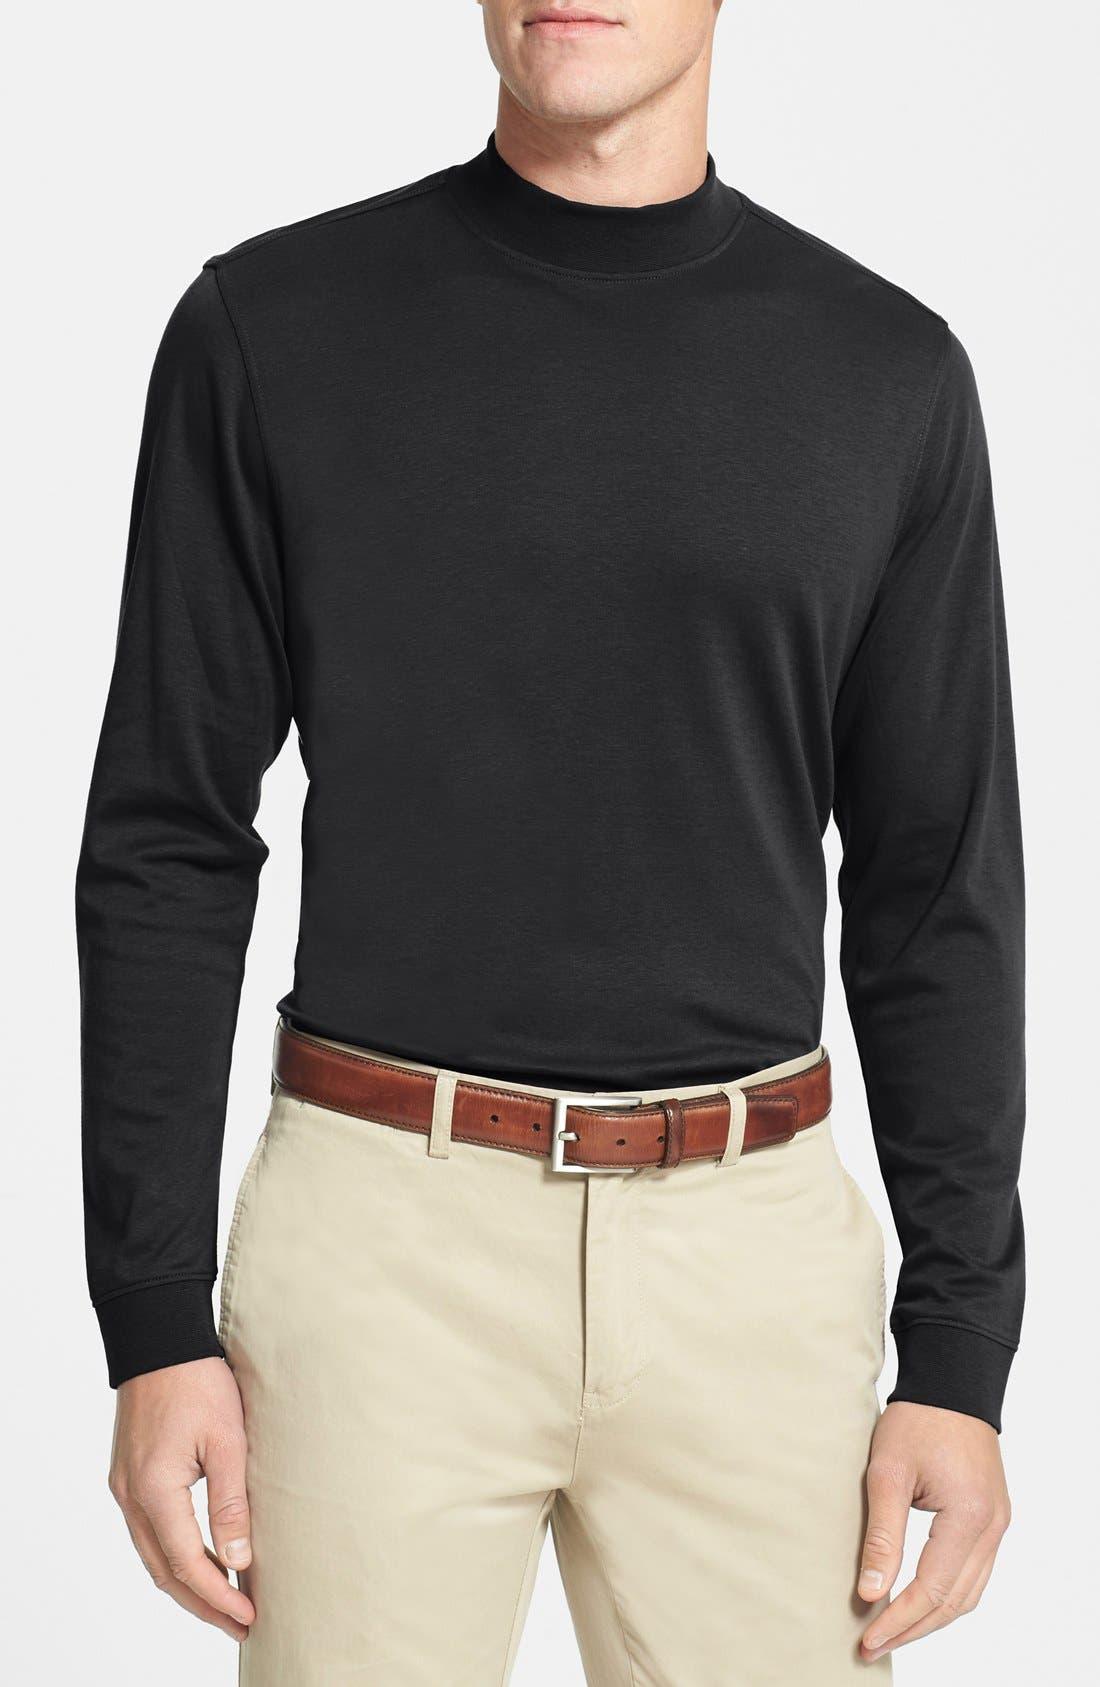 Main Image - Cutter & Buck 'Belfair' Long Sleeve Mock Neck Pima Cotton T-Shirt